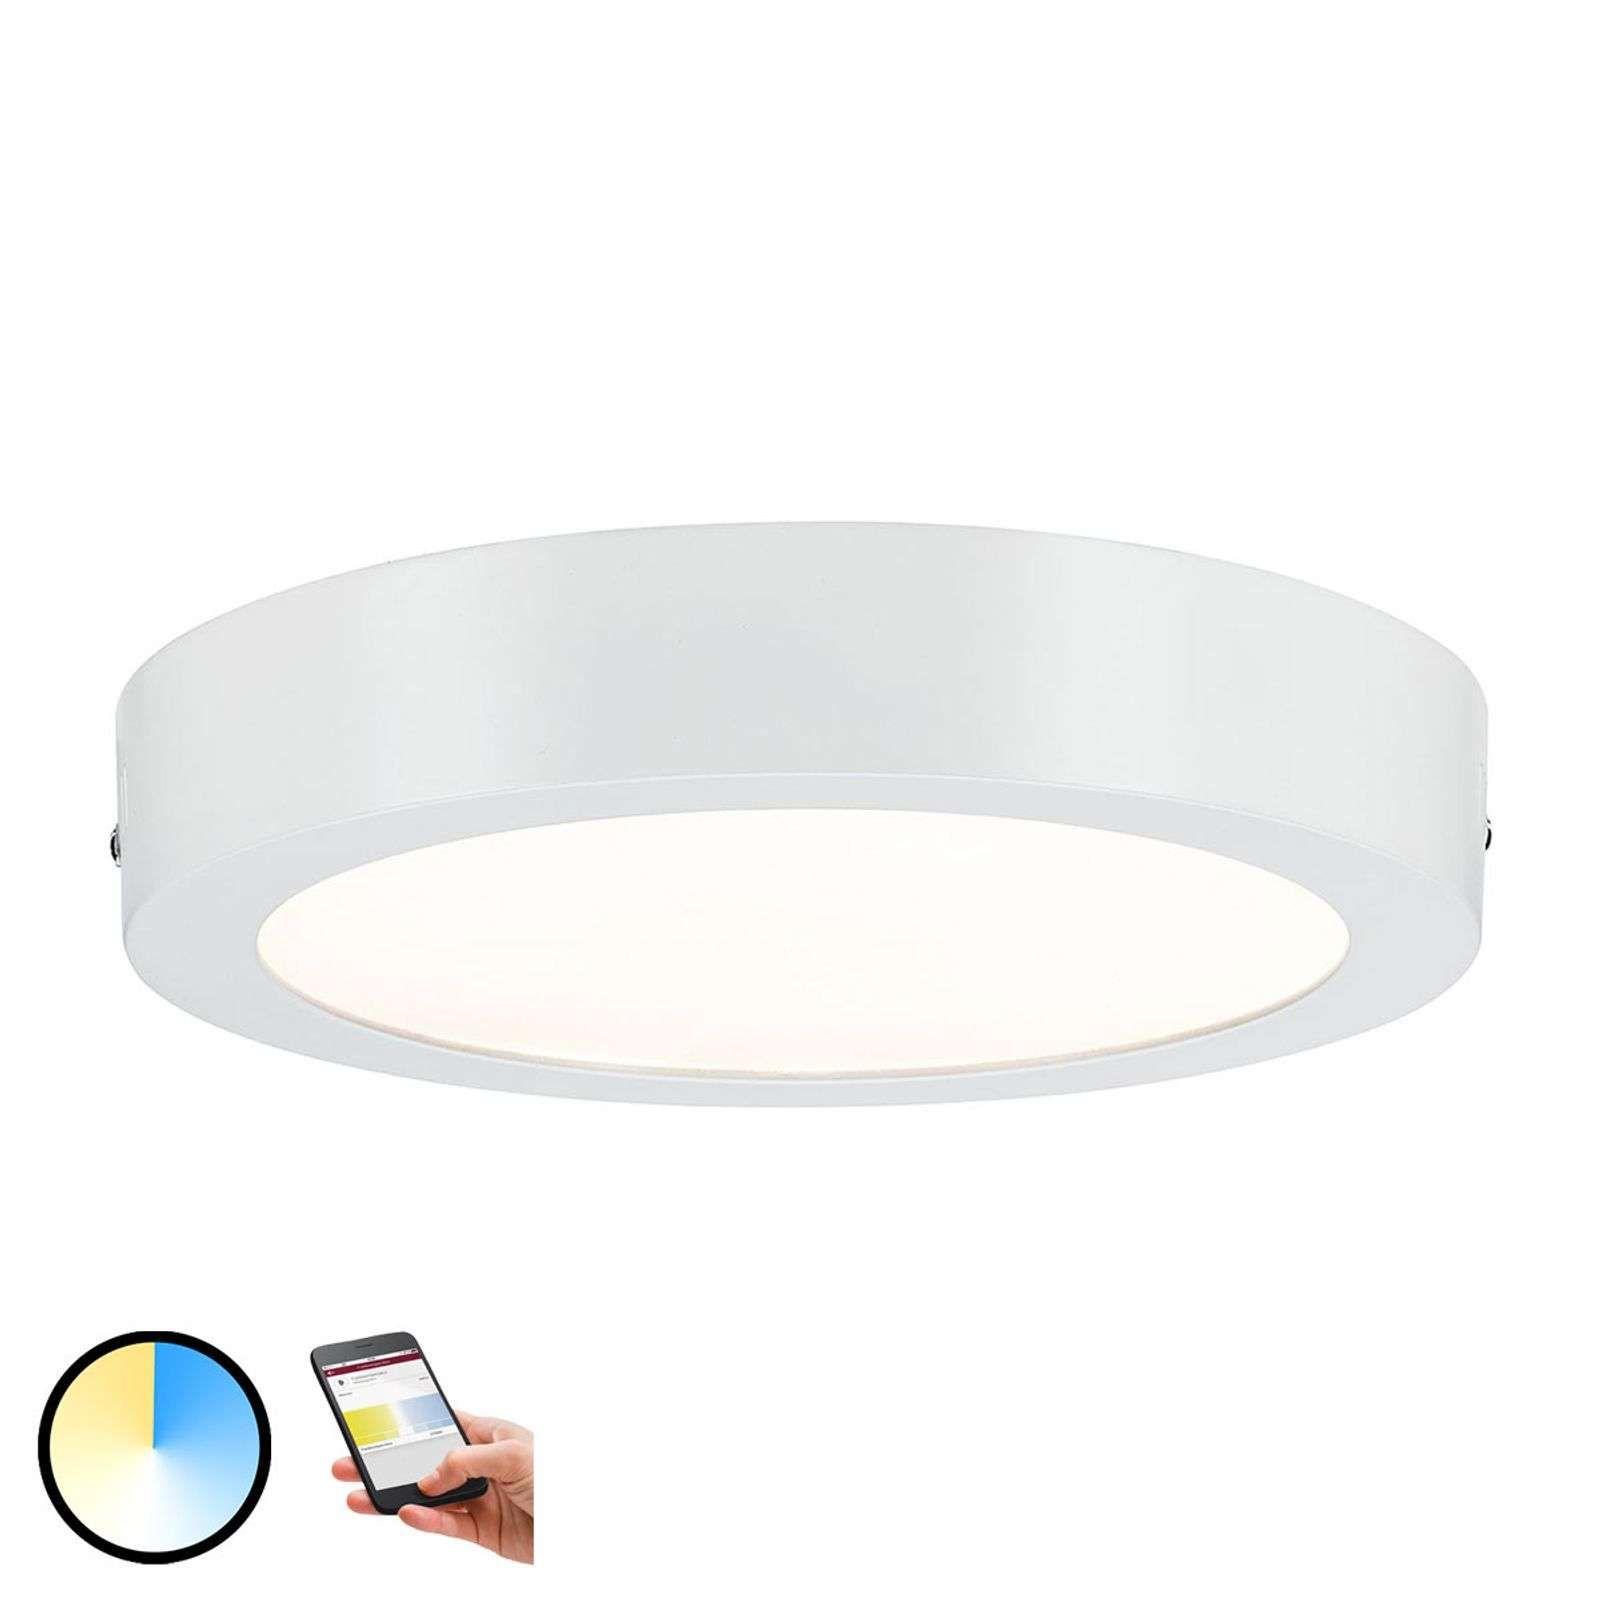 Flache Deckenlampe Indirekte Beleuchtung Led Ideen Wohnzimmer Deckenlampe Led Deckenleuc In 2020 Indirekte Beleuchtung Led Led Deckenlampen Led Deckenleuchte Bad